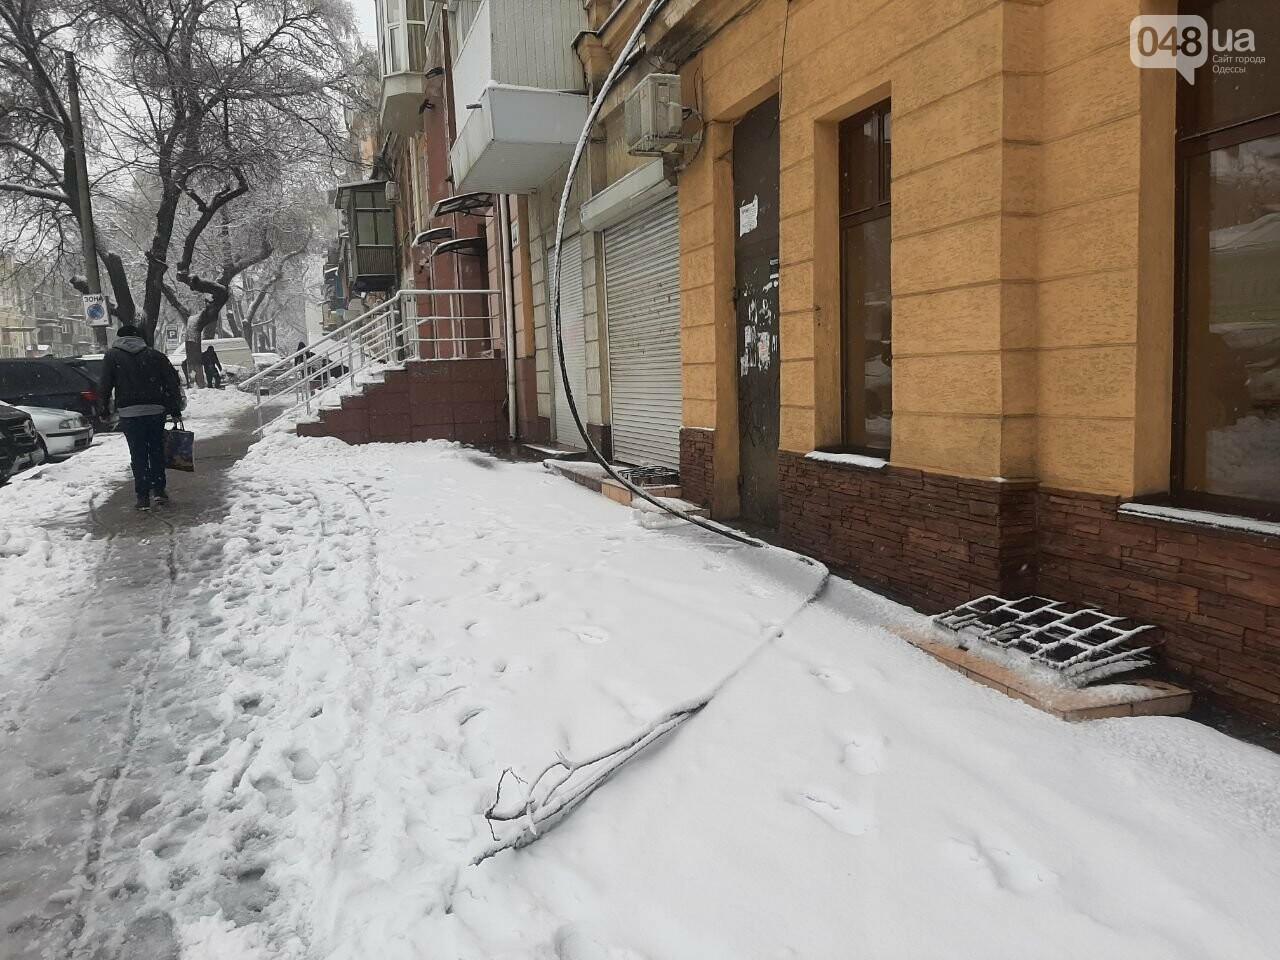 Последствия непогоды в Одессе, - ФОТОРЕПОРТАЖ, фото-2020